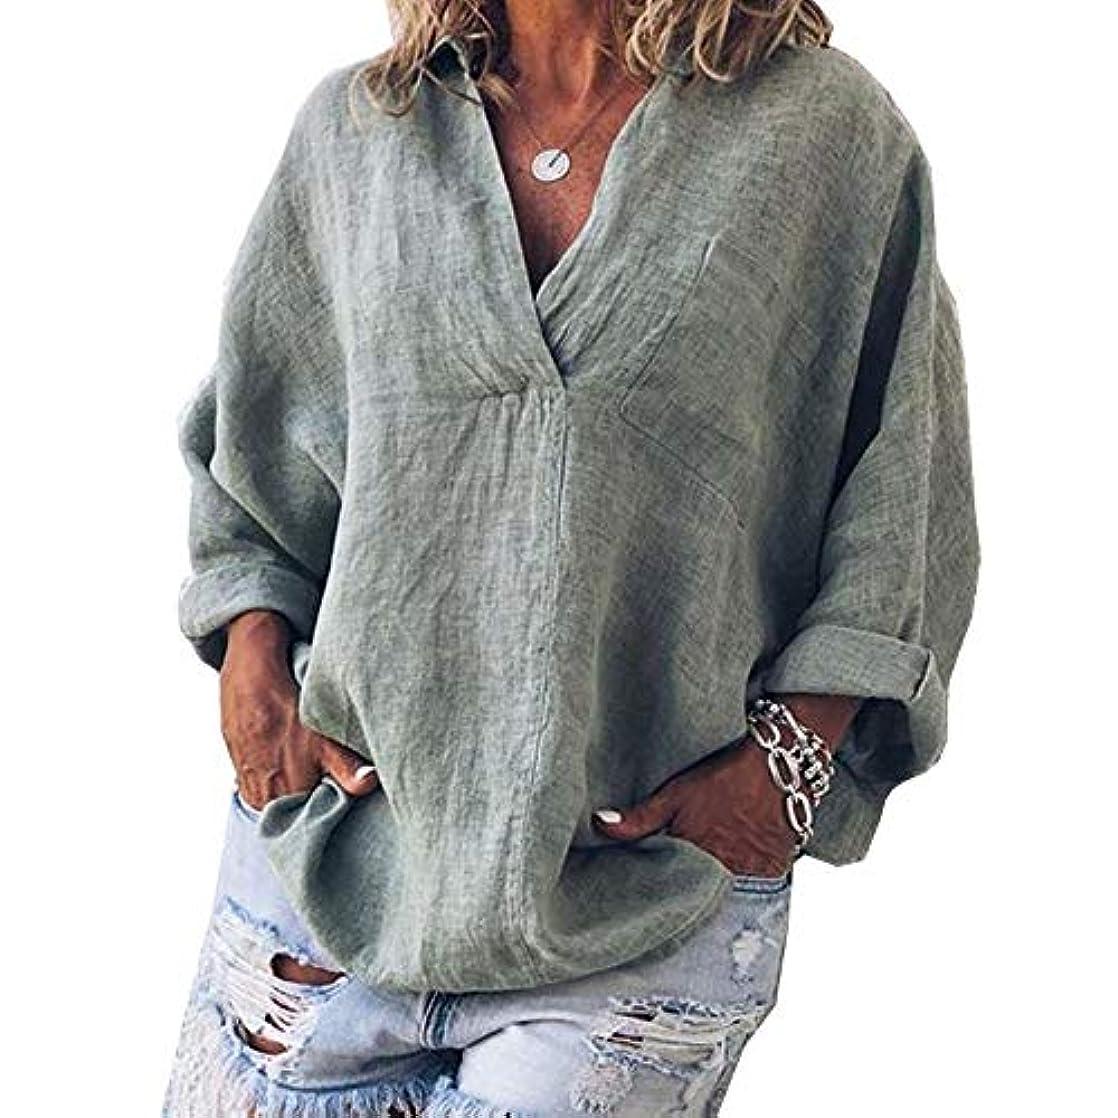 現実後ろ、背後、背面(部インタビューMIFAN女性ファッション春夏チュニックトップス深いVネックTシャツ長袖プルオーバールーズリネンブラウス